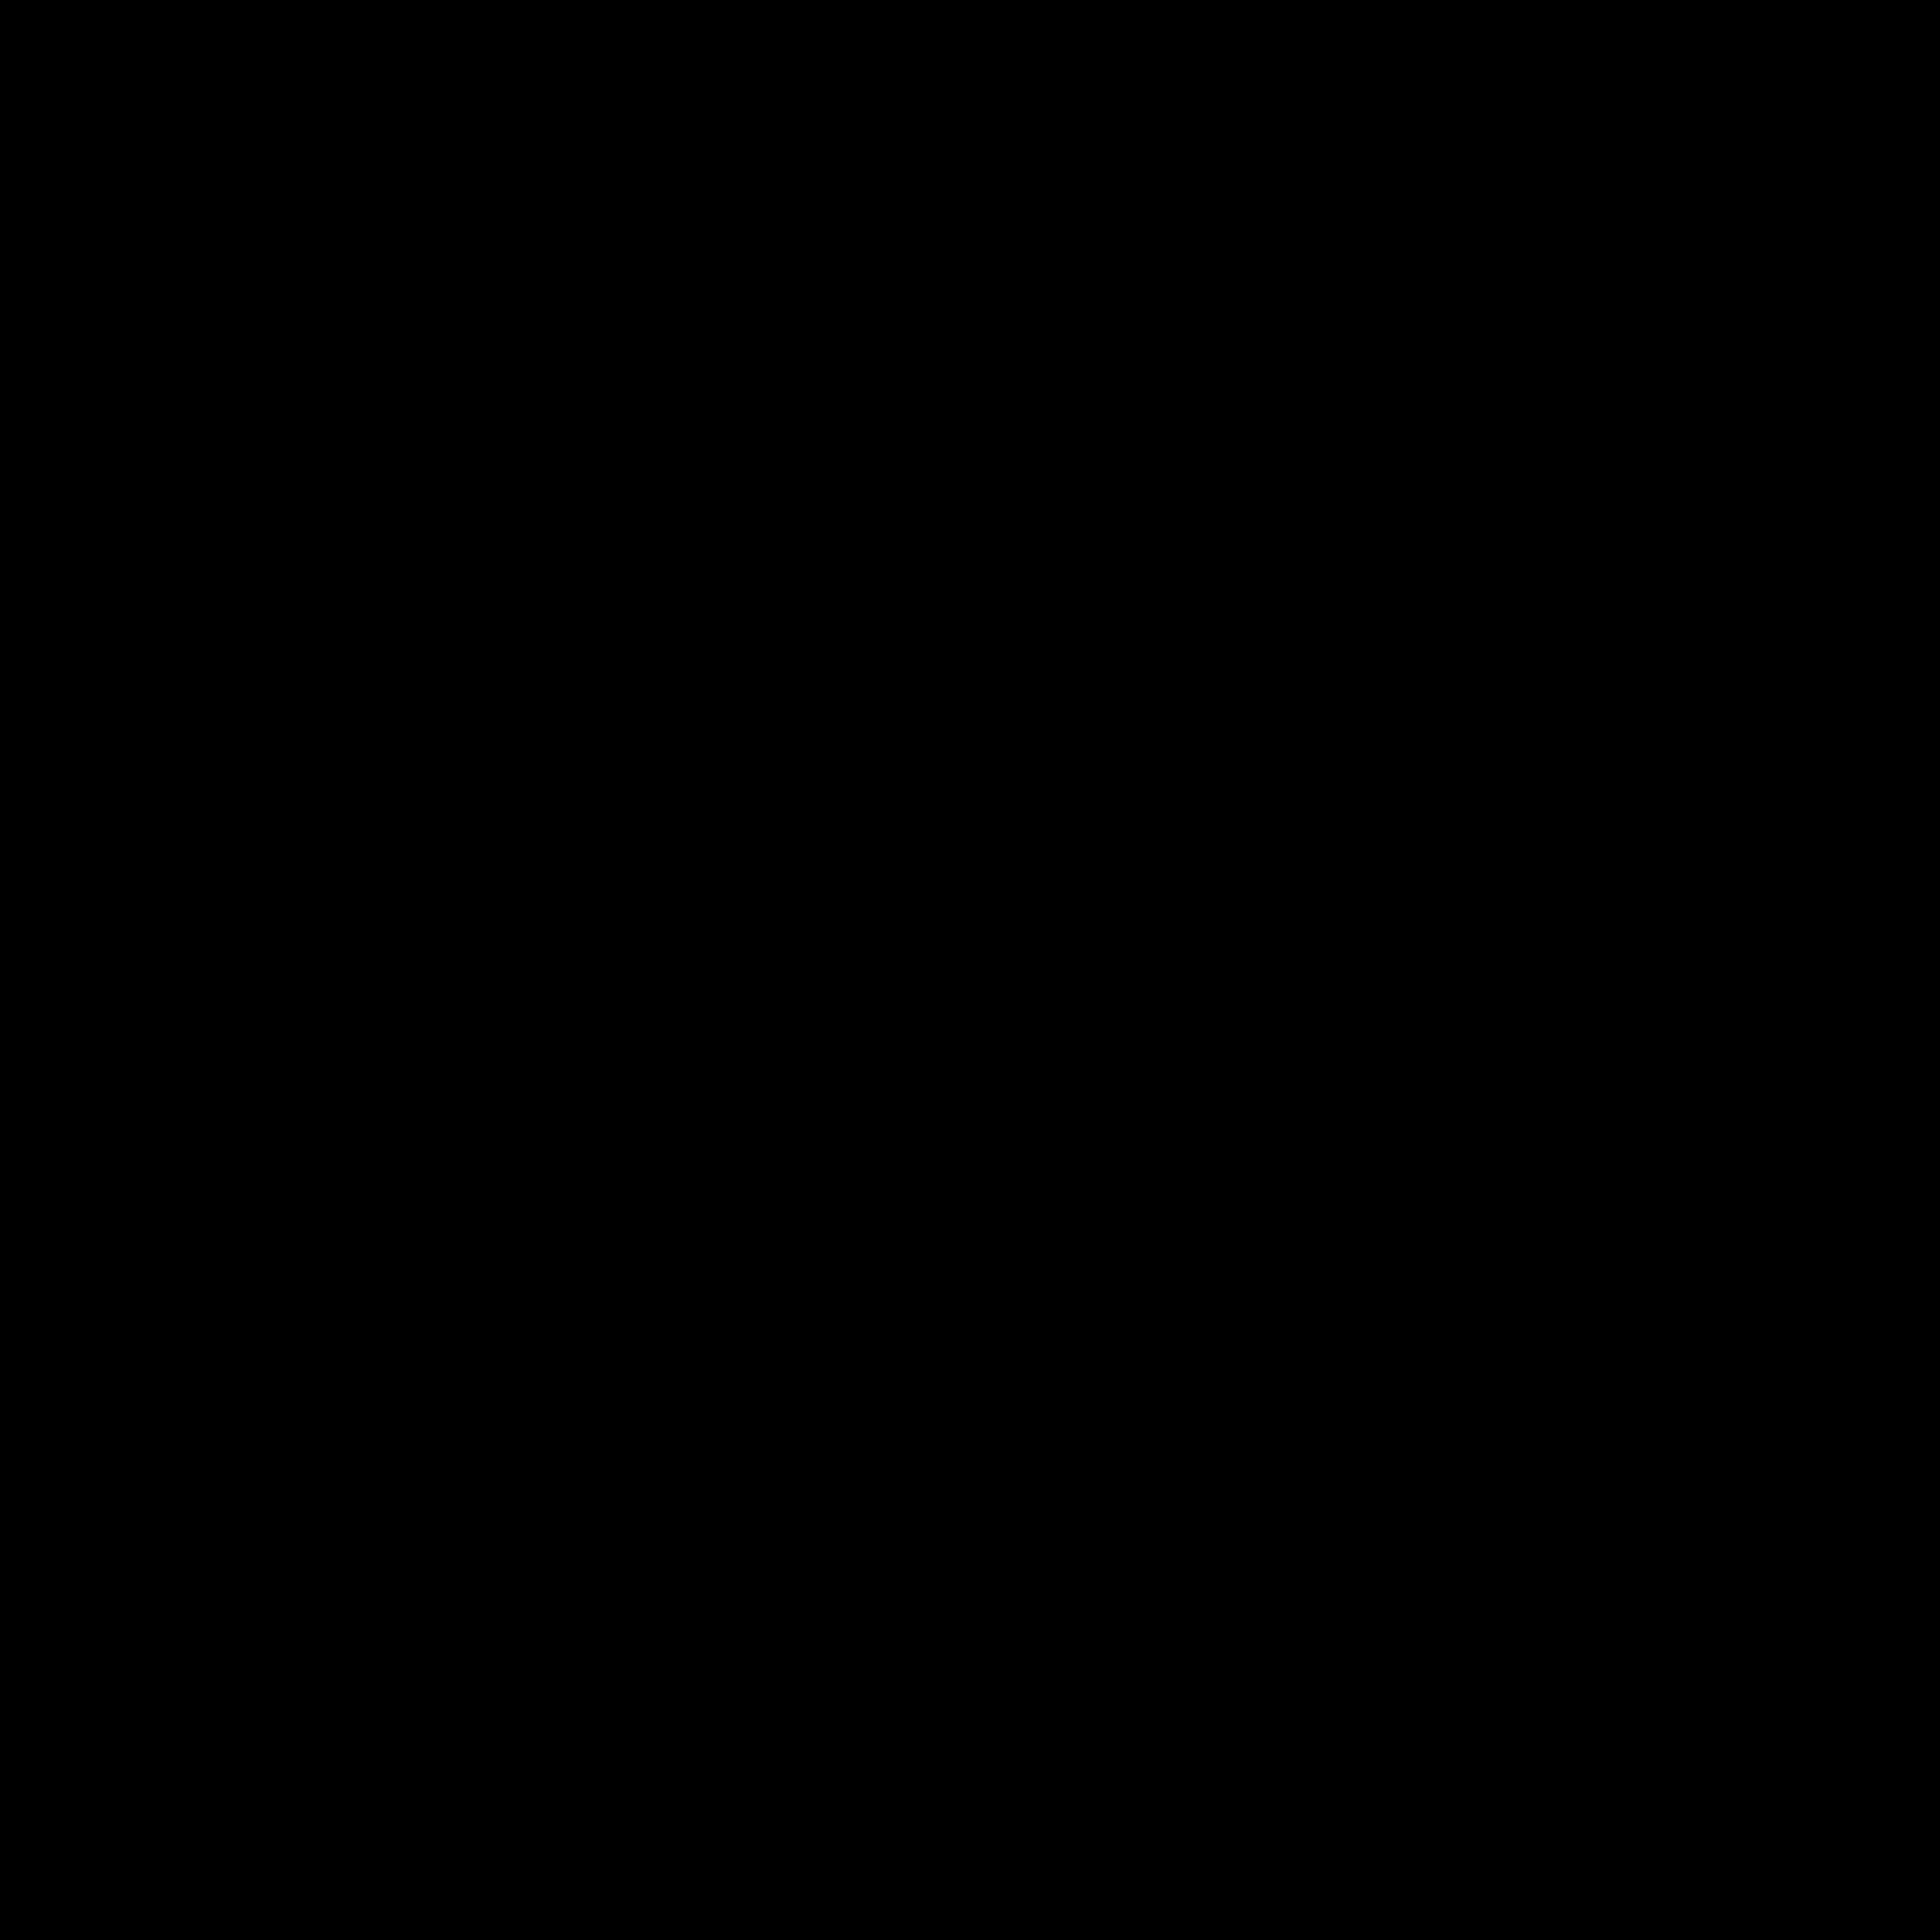 إزالة الوشم مؤشر أحمر ليزر ndyag qswitch آلة الليزر لتنظيف الحواجب لاين إزالة الصباغ مع حرية الملاحة